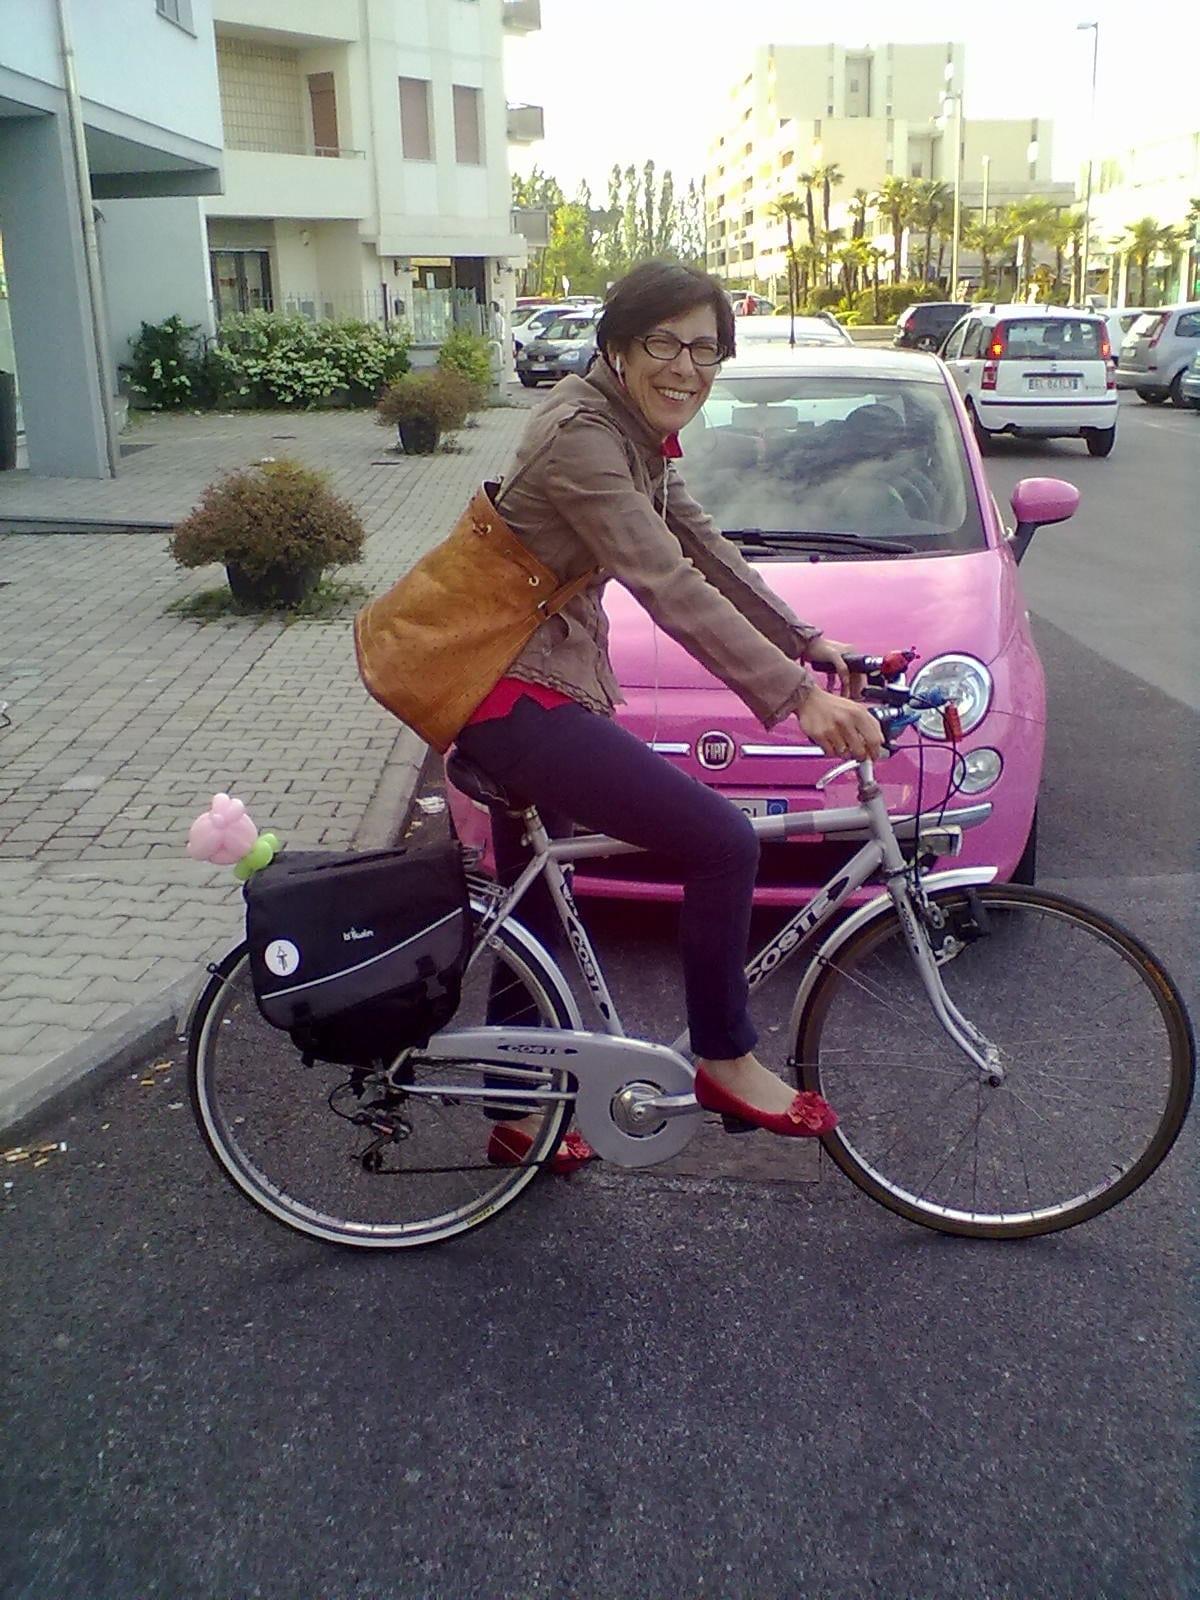 Paola From Viareggio, Italy